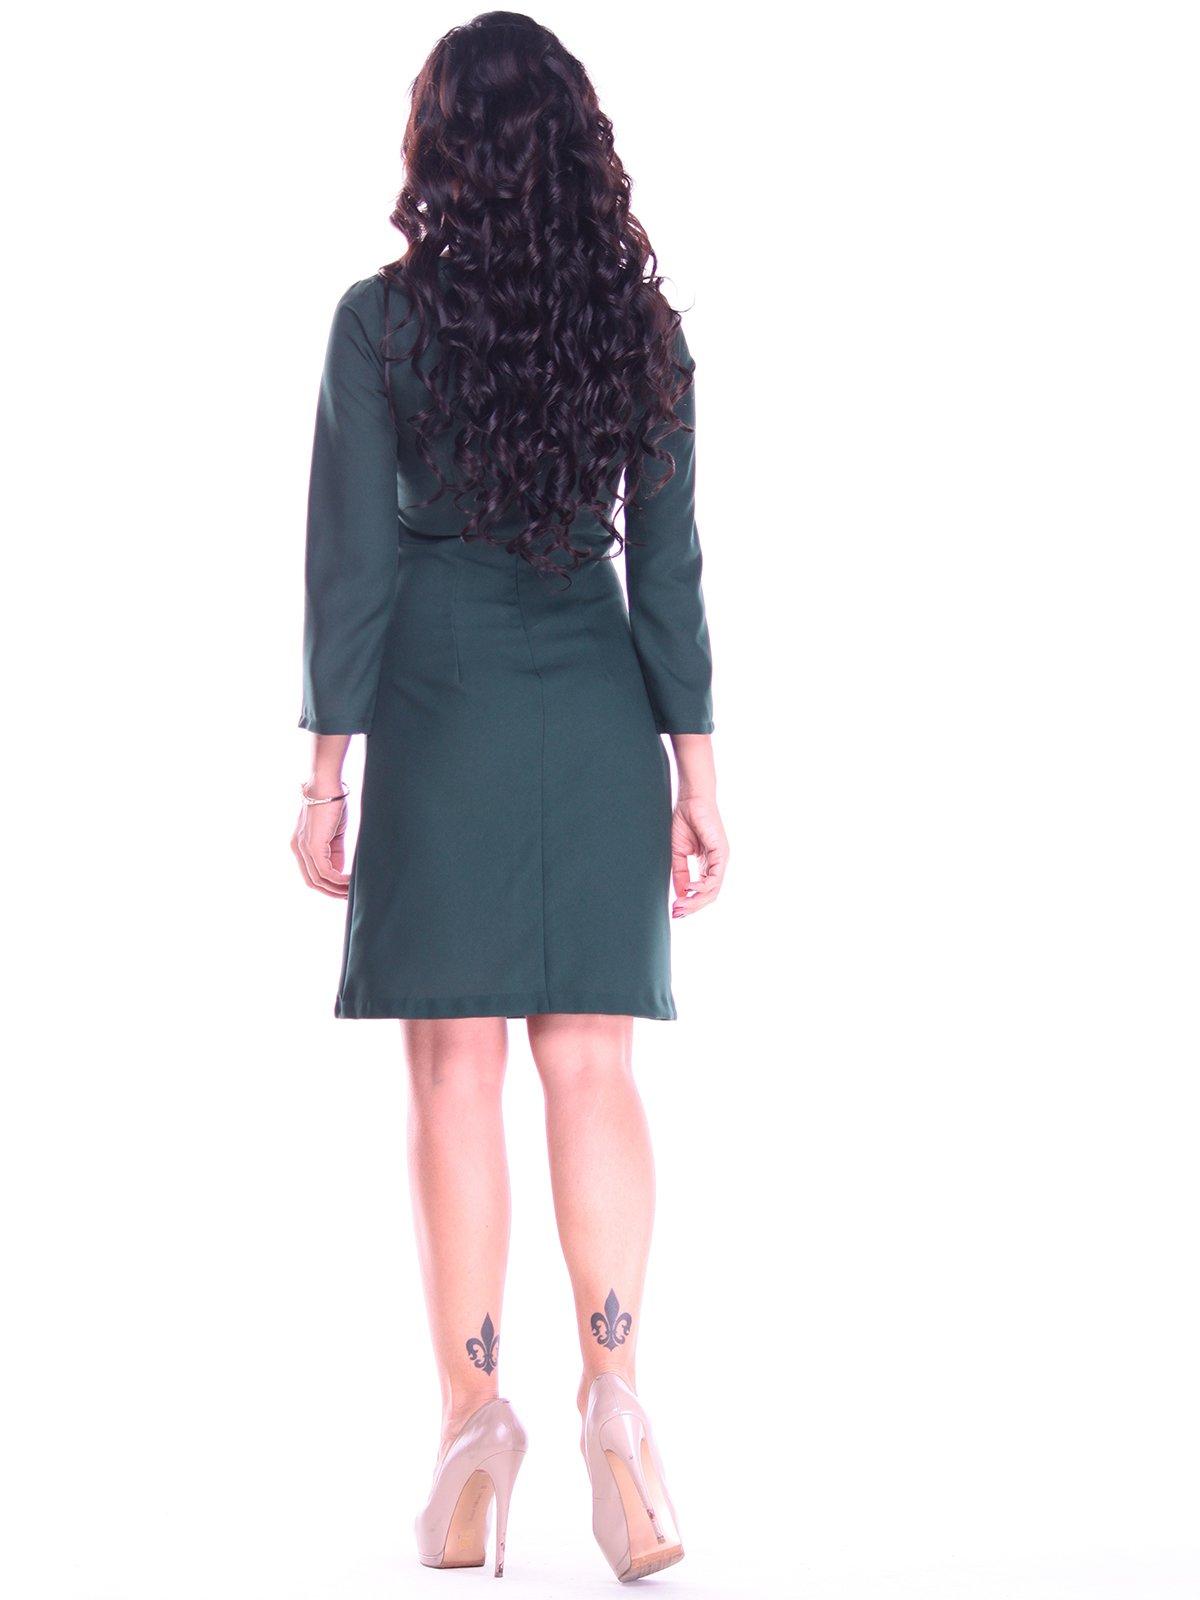 Платье темно-изумрудного цвета | 2763199 | фото 2